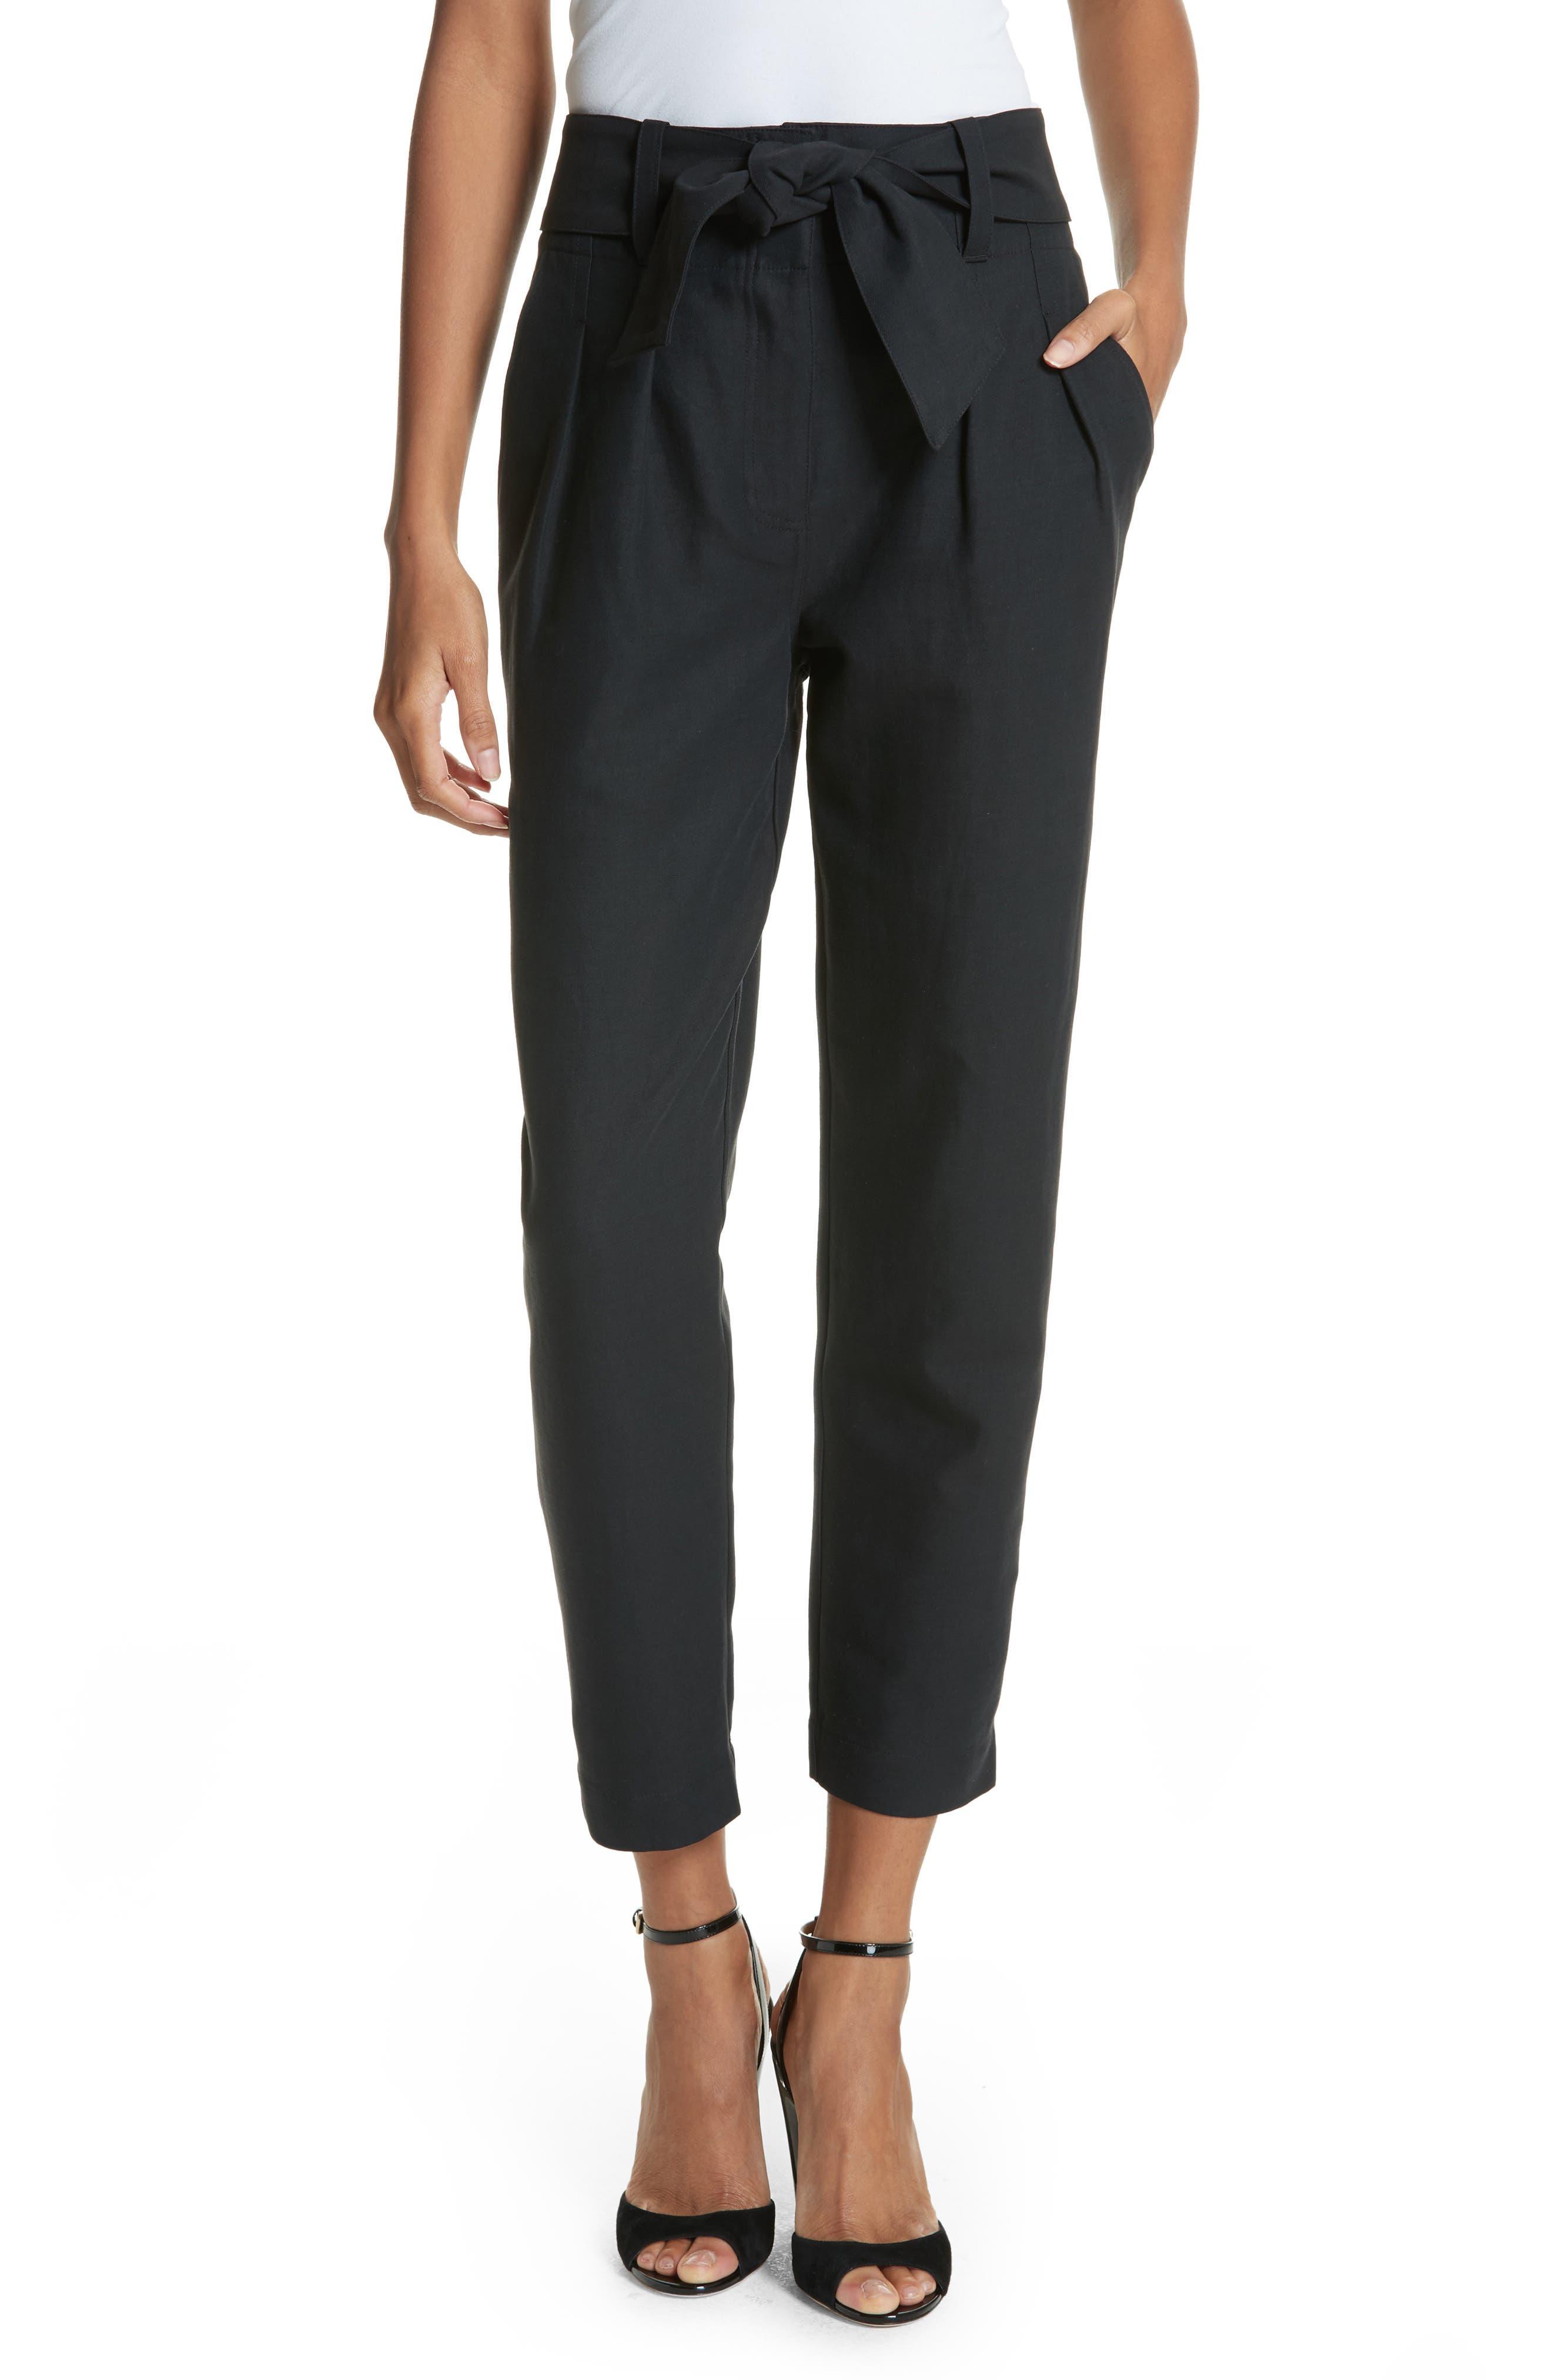 Jun Cotton & Linen Ankle Pants,                             Main thumbnail 1, color,                             Caviar